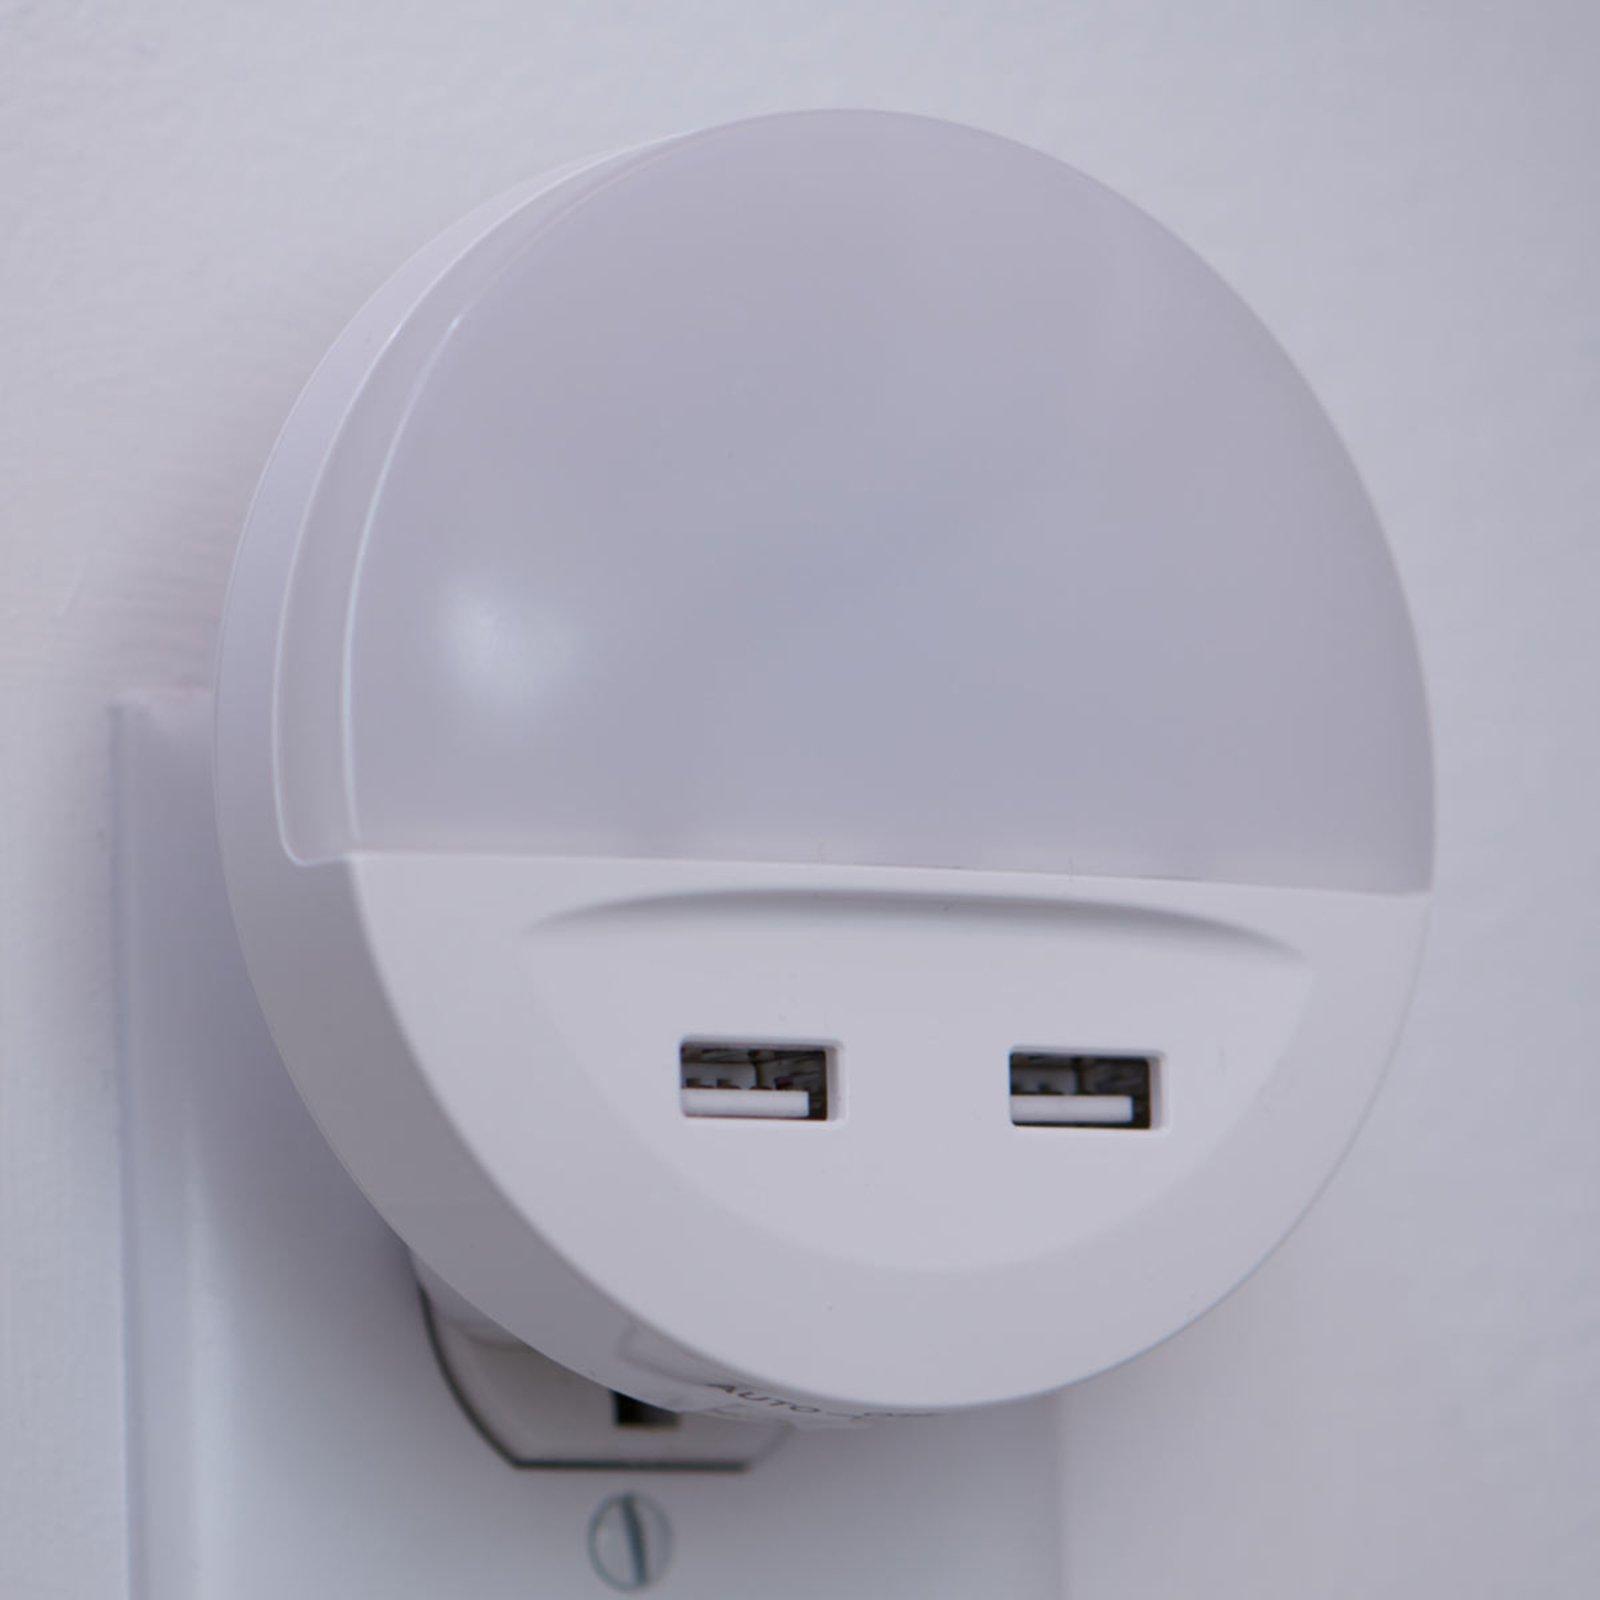 LEDVANCE Lunetta USB LED-nattelys med USB-port